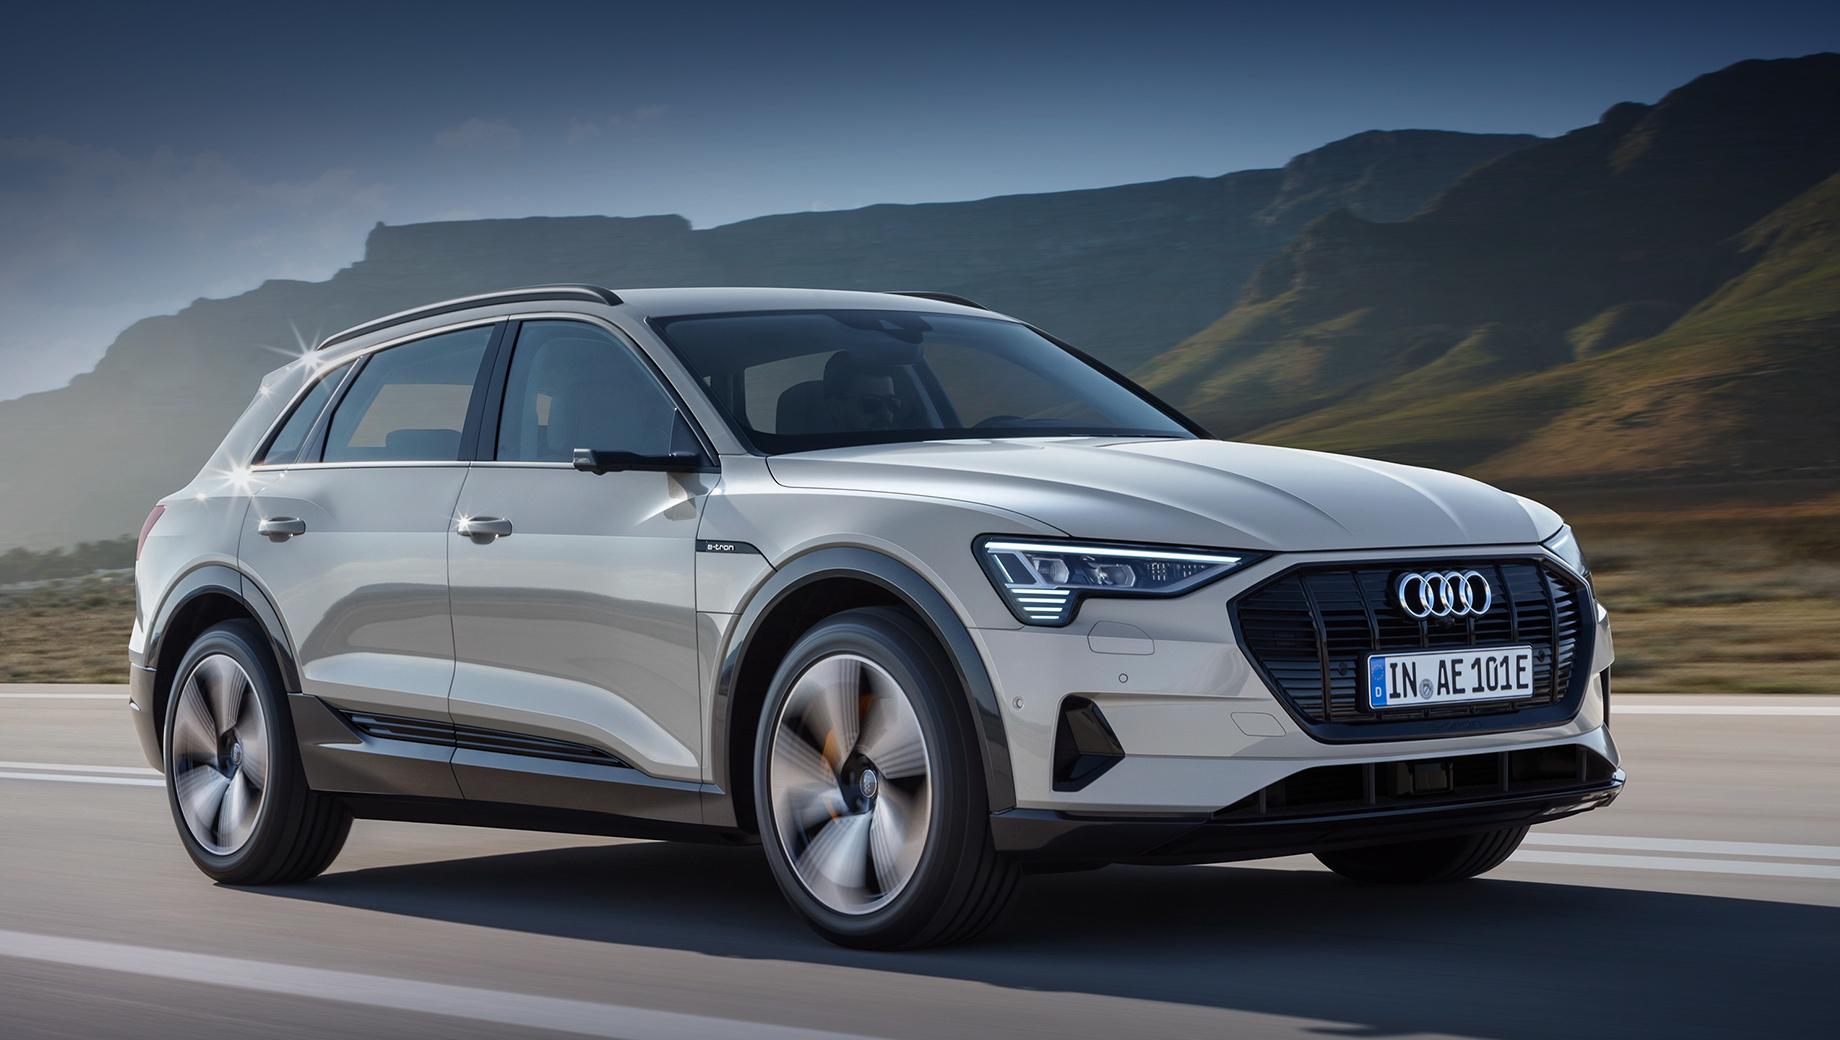 Audi випускатиме тільки електромобілі